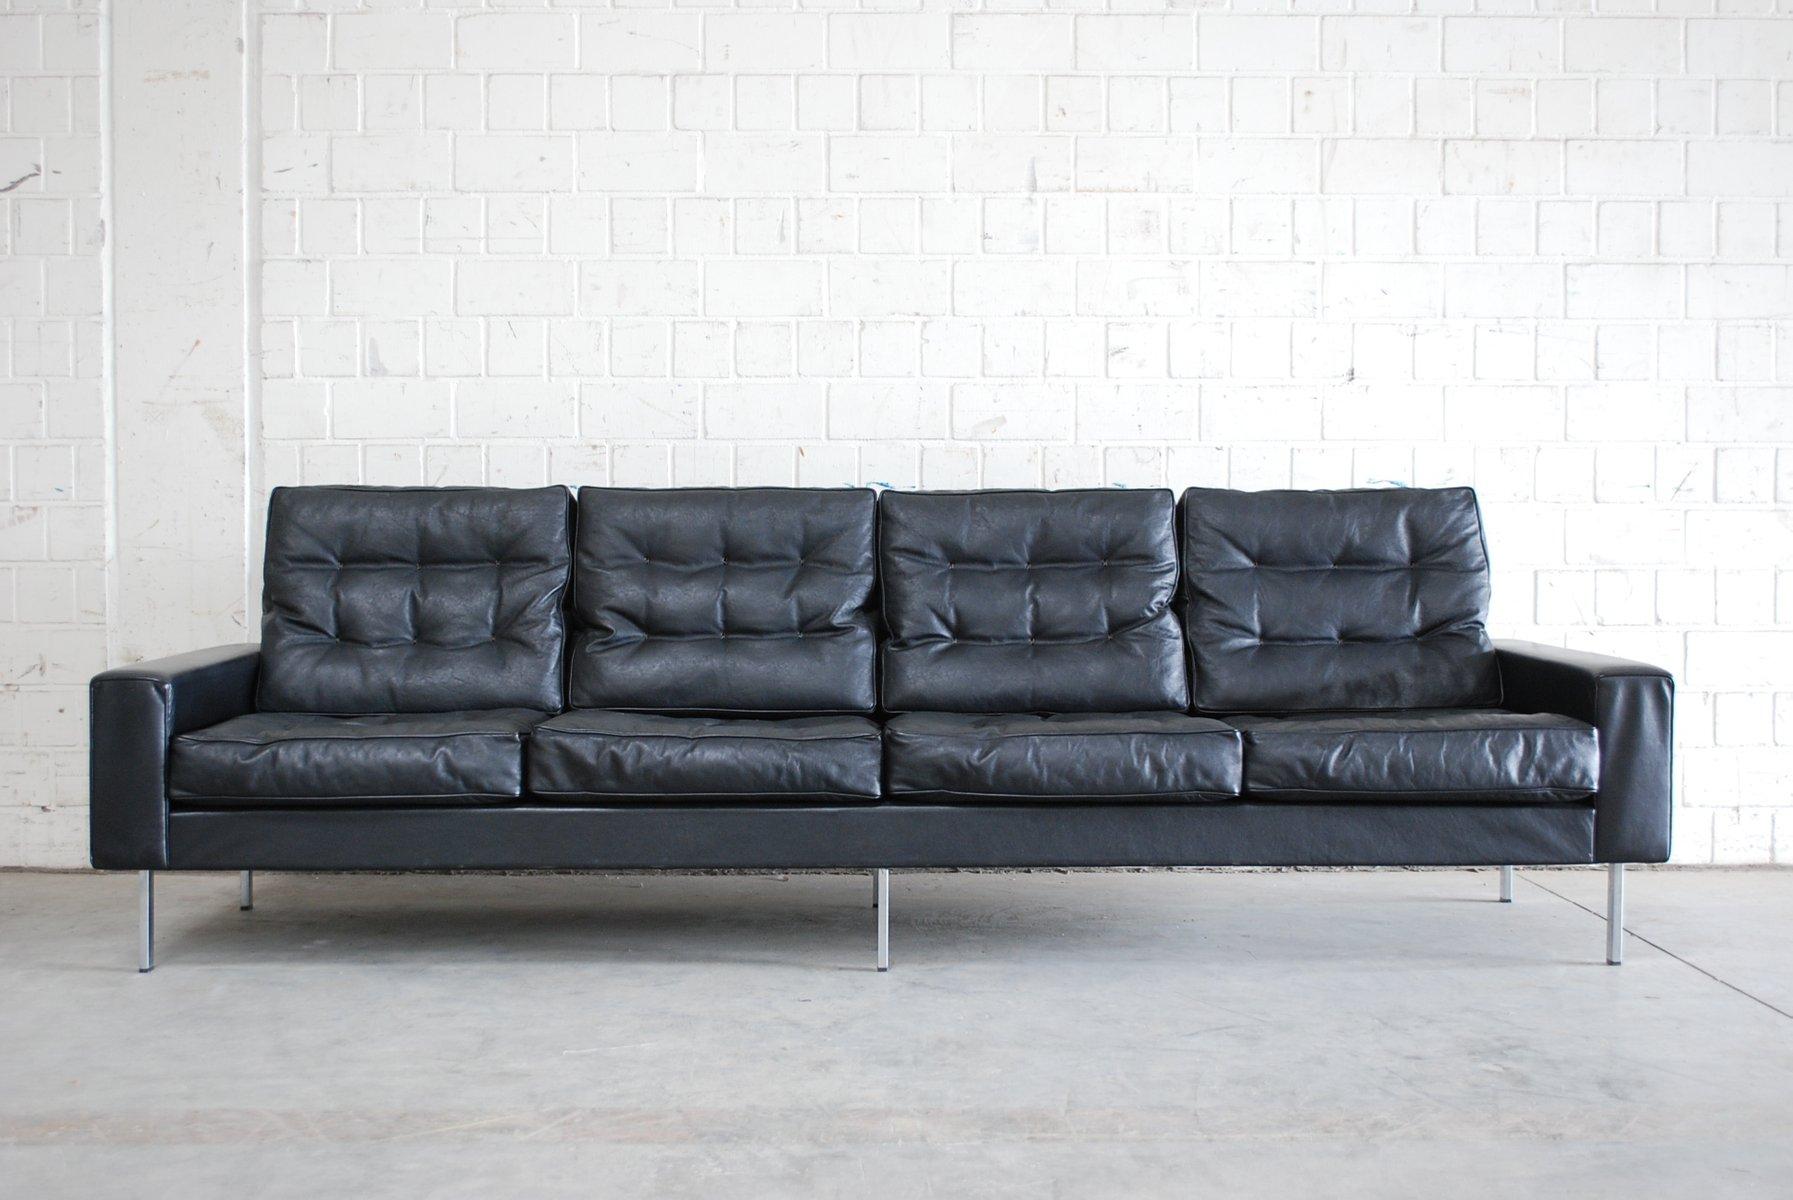 Leather 4 Seater Sofa 100 Real Leather 4 Seater Sofa Thesofa